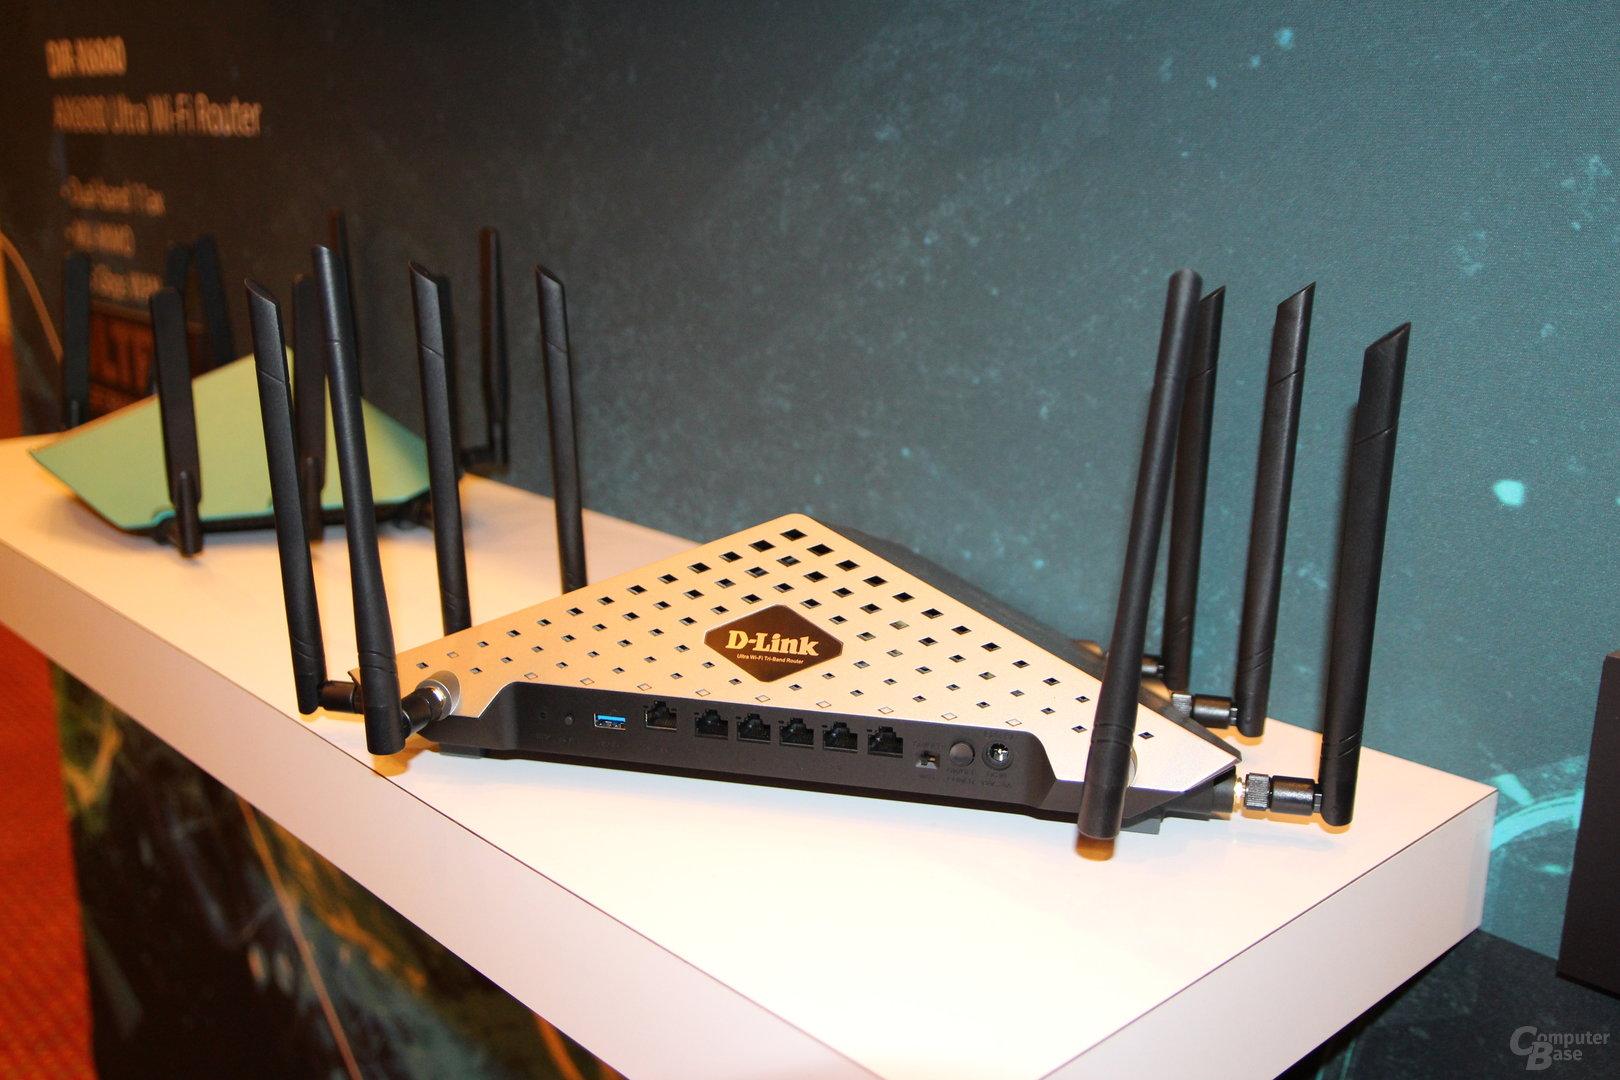 D-Link 802.11ax-WLAN-Router